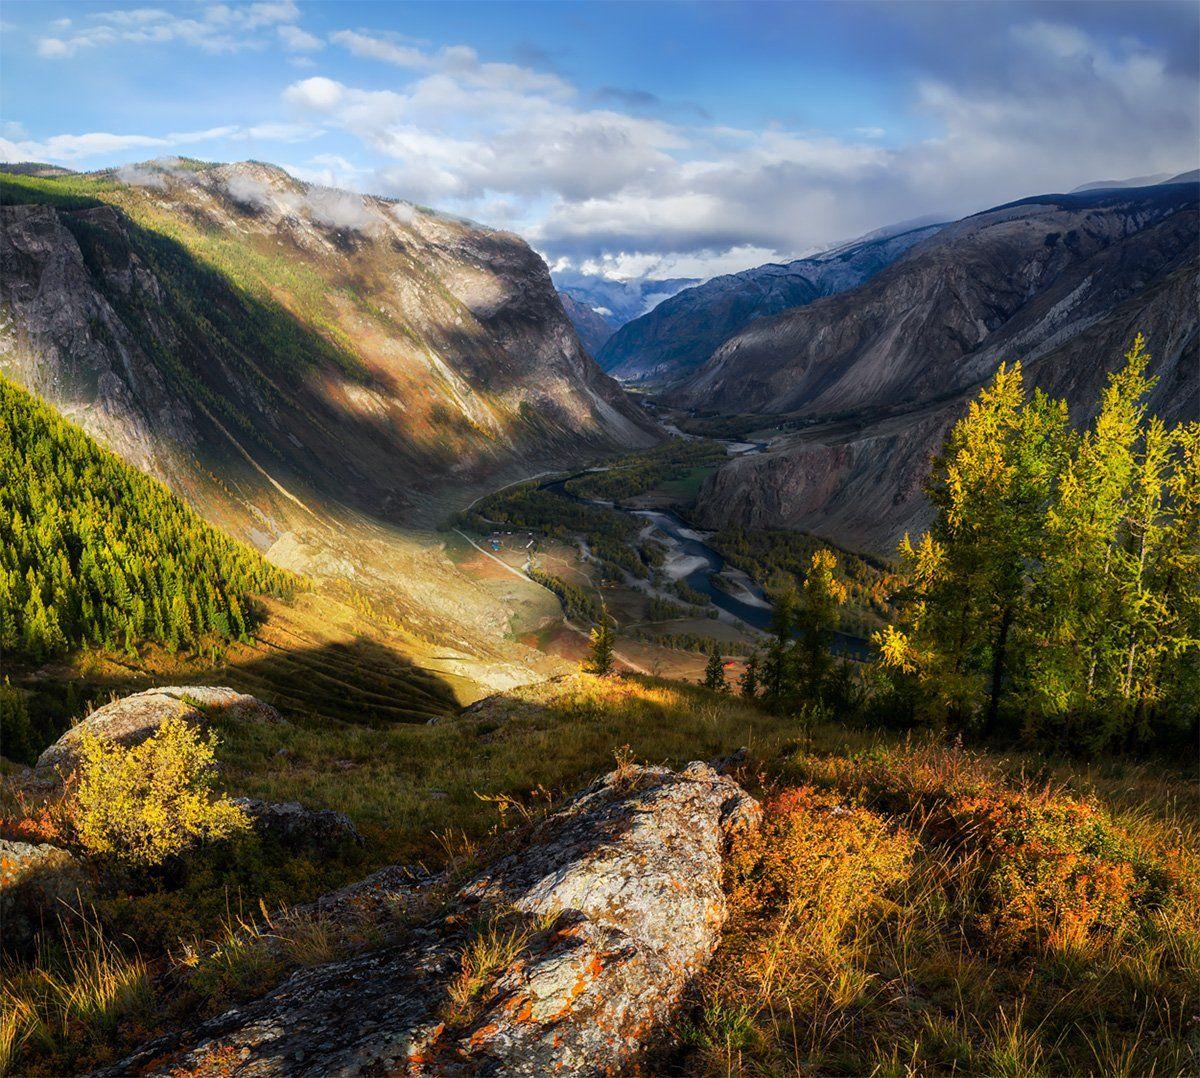 природа, пейзаж, горы, алтай, горный алтай, сибирь, чулышман, осень, дикая природа,, Беляев Альберт